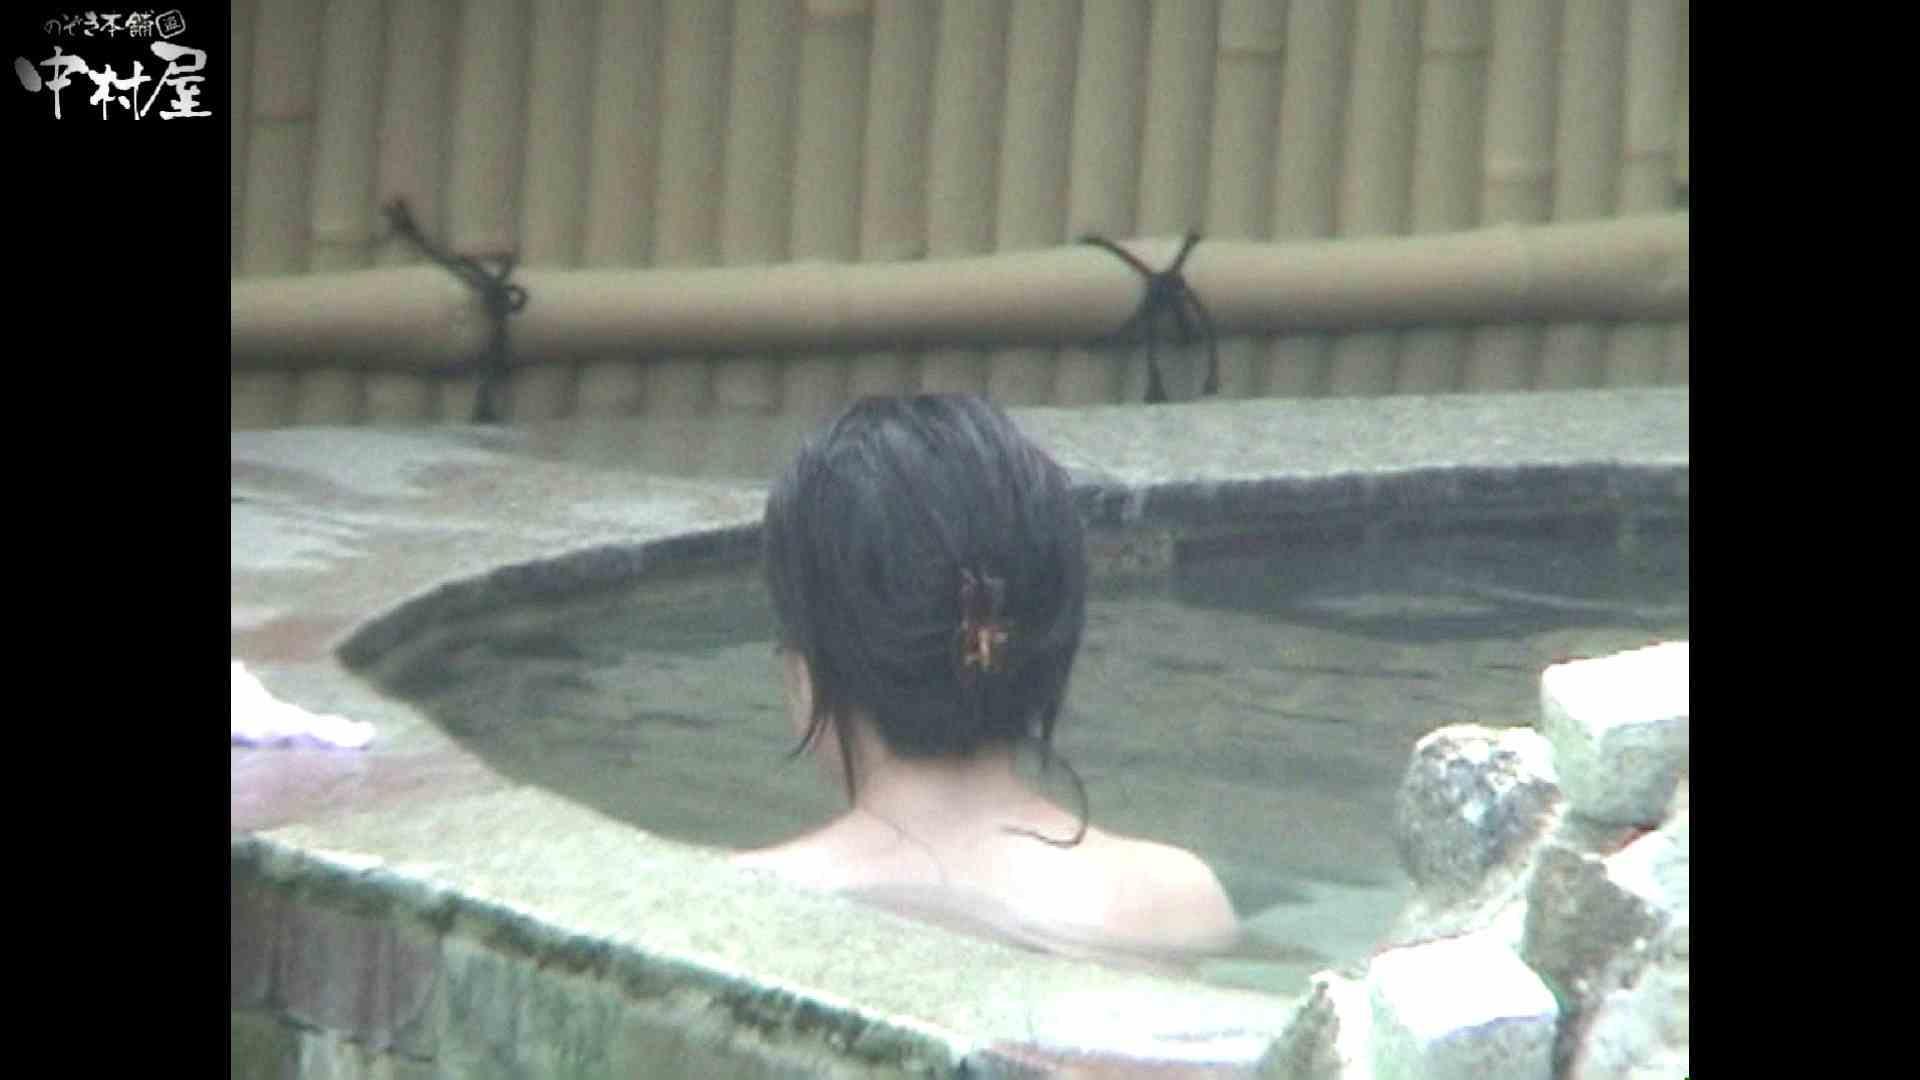 Aquaな露天風呂Vol.936 盗撮  75画像 9